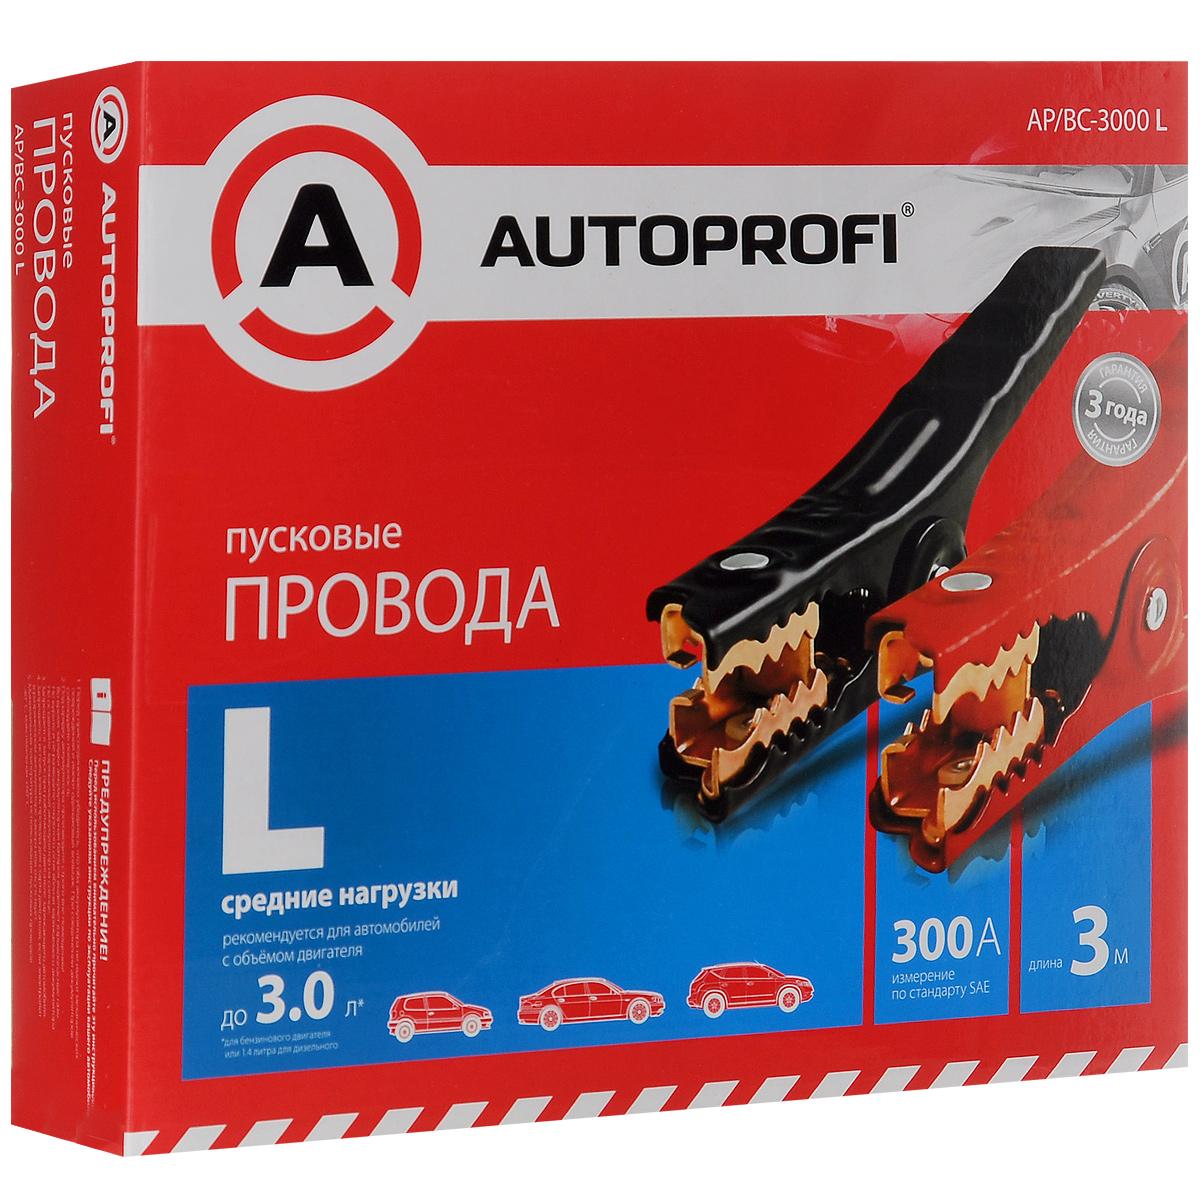 Провода пусковые Autoprofi L, средние нагрузки, 13,3 мм2, 300 A, 3 мAP/BC - 3000 LПусковые провода Autoprofi L сделаны по американскому стандарту SAE J1494. Это значит, что падение напряжение ни при каких условиях не превышает 2,5 В. Ручки пусковых проводов не нагреваютсядо уровня, способного навредить человеку. Технологически это достигается использованием проводов из толстой алюминиевой жилы с медным напылением, а также надежной термопластовой изоляцией.Данные провода рекомендованы для автомобилей с бензиновым двигателем, объемом до 3 л или с дизельным двигателем, объемом до 1,4 л.Сумка для переноски и хранения в комплекте.Ток нагрузки: 300 А.Длина провода: 3 м.Сечение проводника: 13,3 мм2.Диапазон рабочих температур: от -40°С до +60°С.